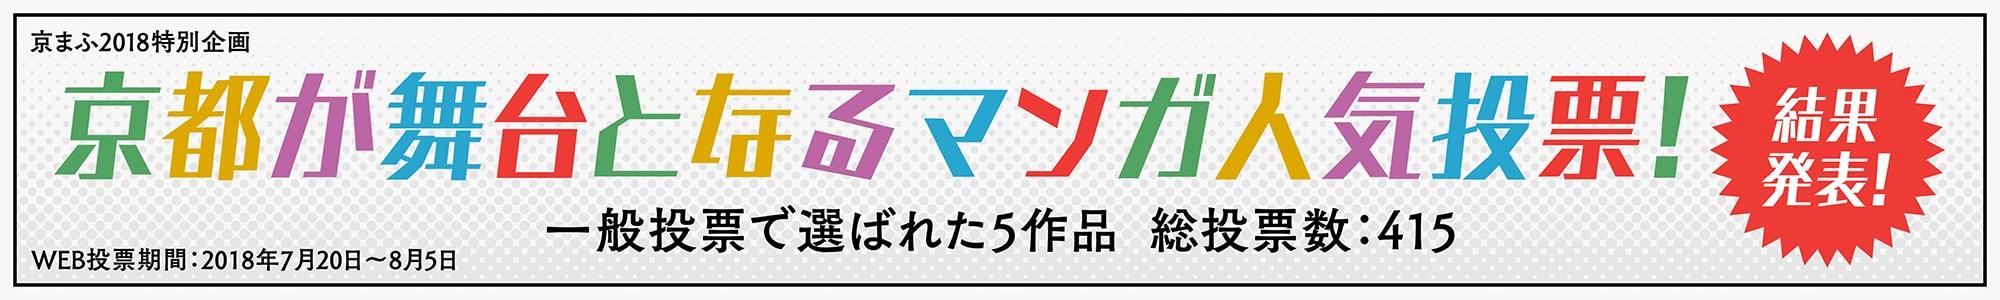 「京都が舞台となるマンガ」人気投票企画!